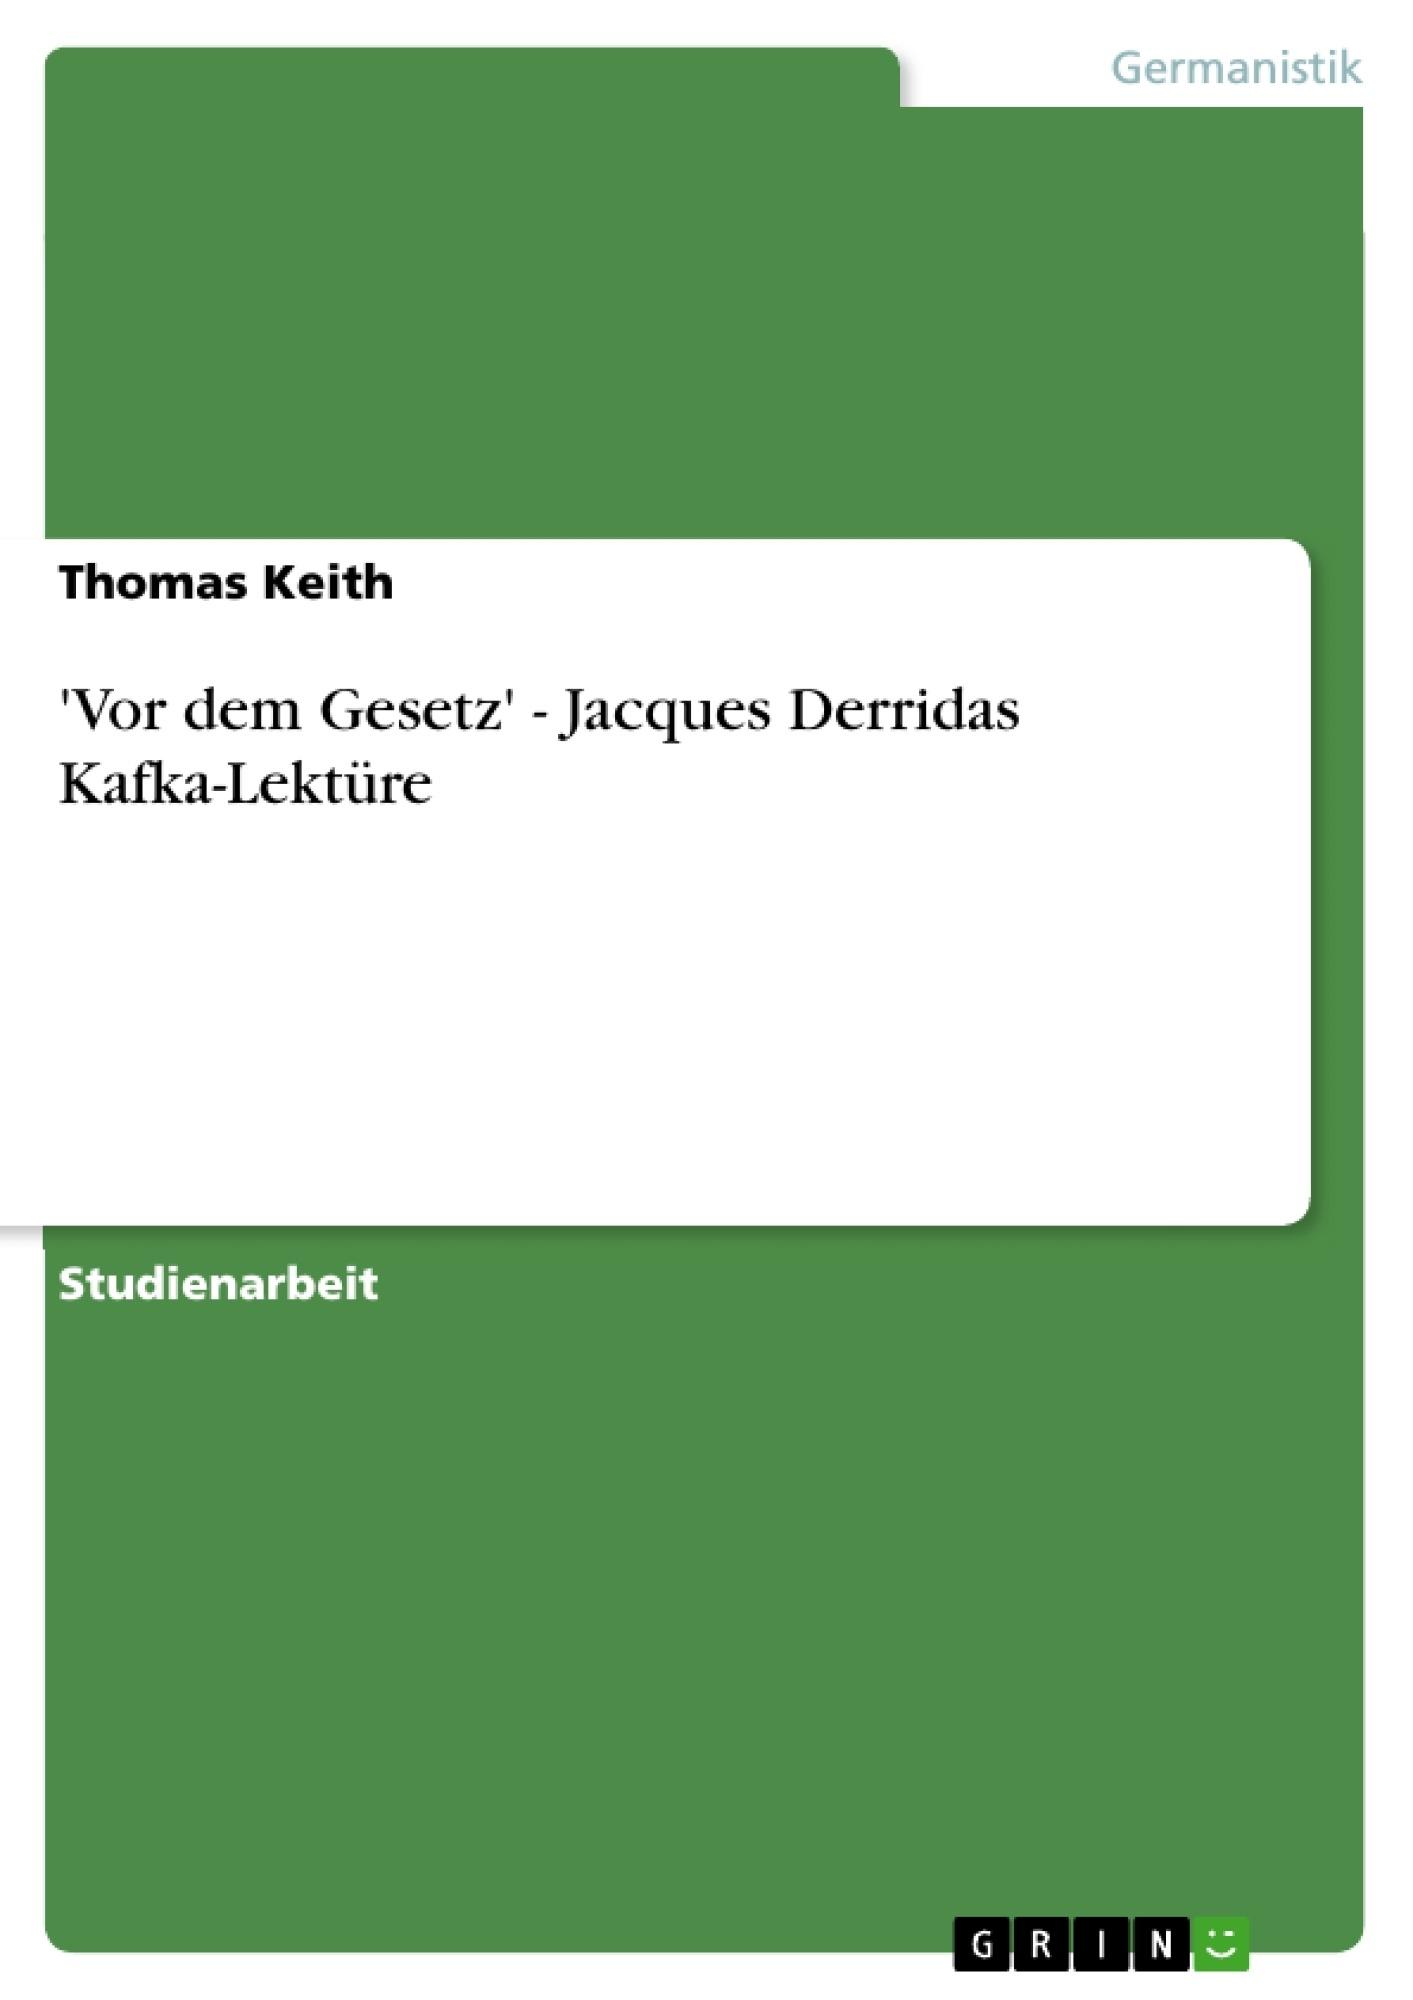 Titel: 'Vor dem Gesetz' - Jacques Derridas Kafka-Lektüre